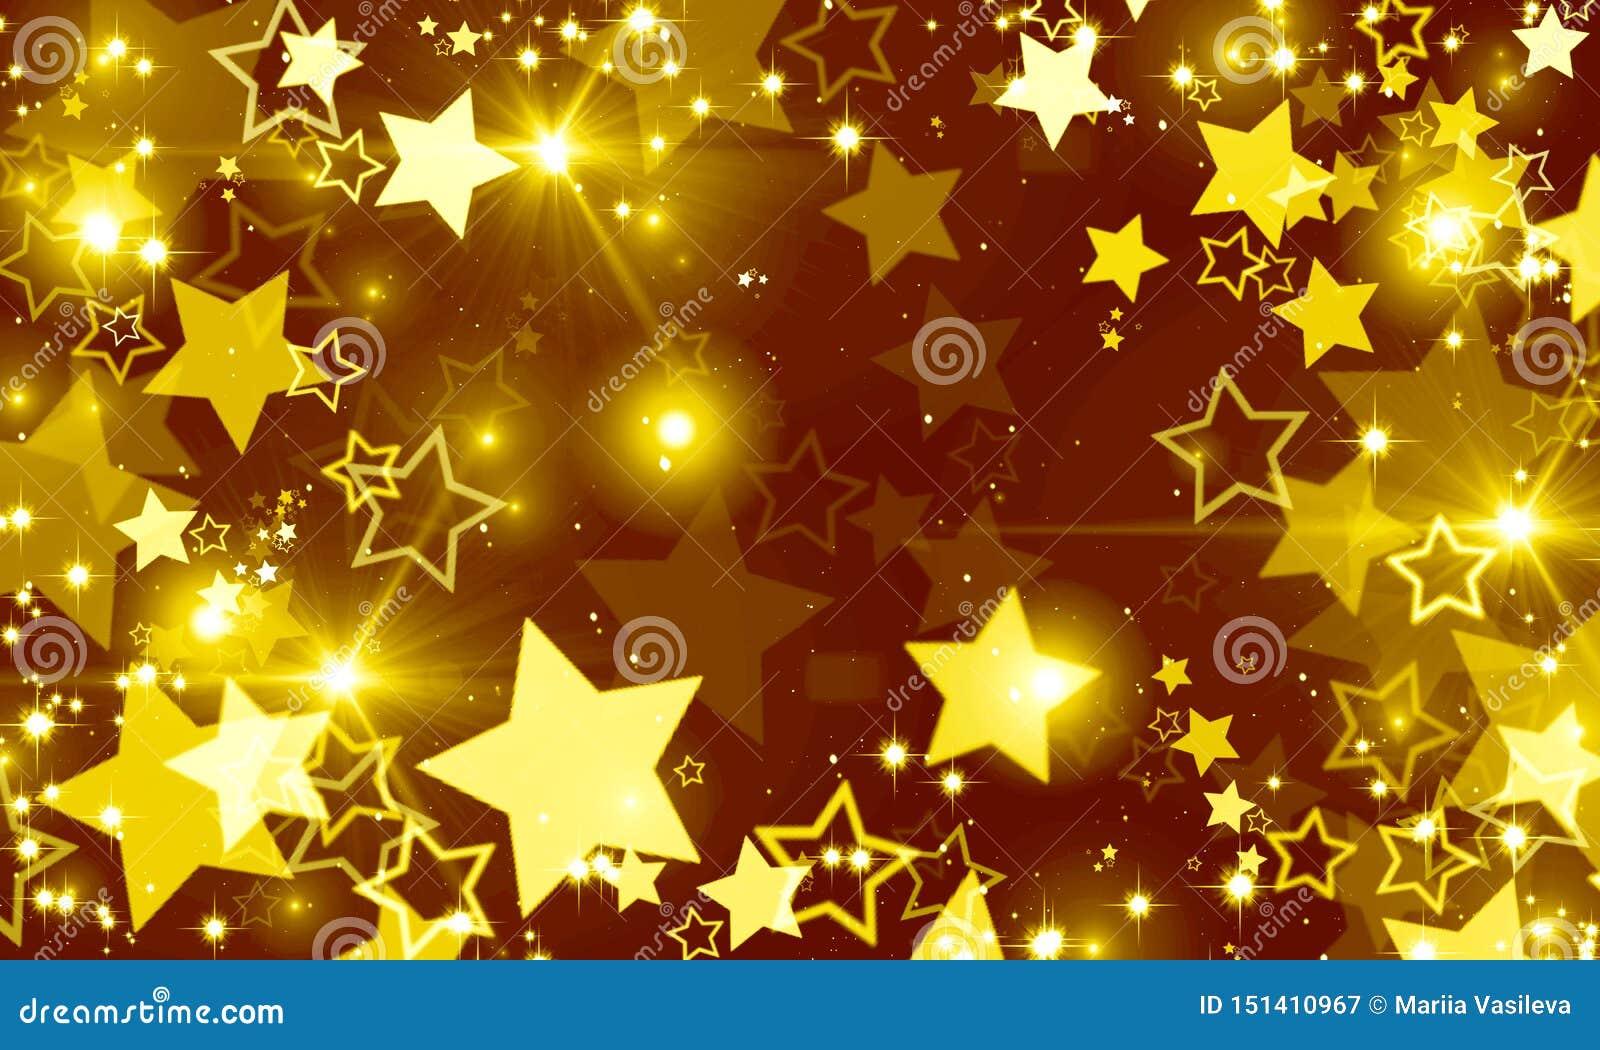 金星,闪烁,焕发,光,明亮,假日,党,圣诞节,音乐节,驱散星